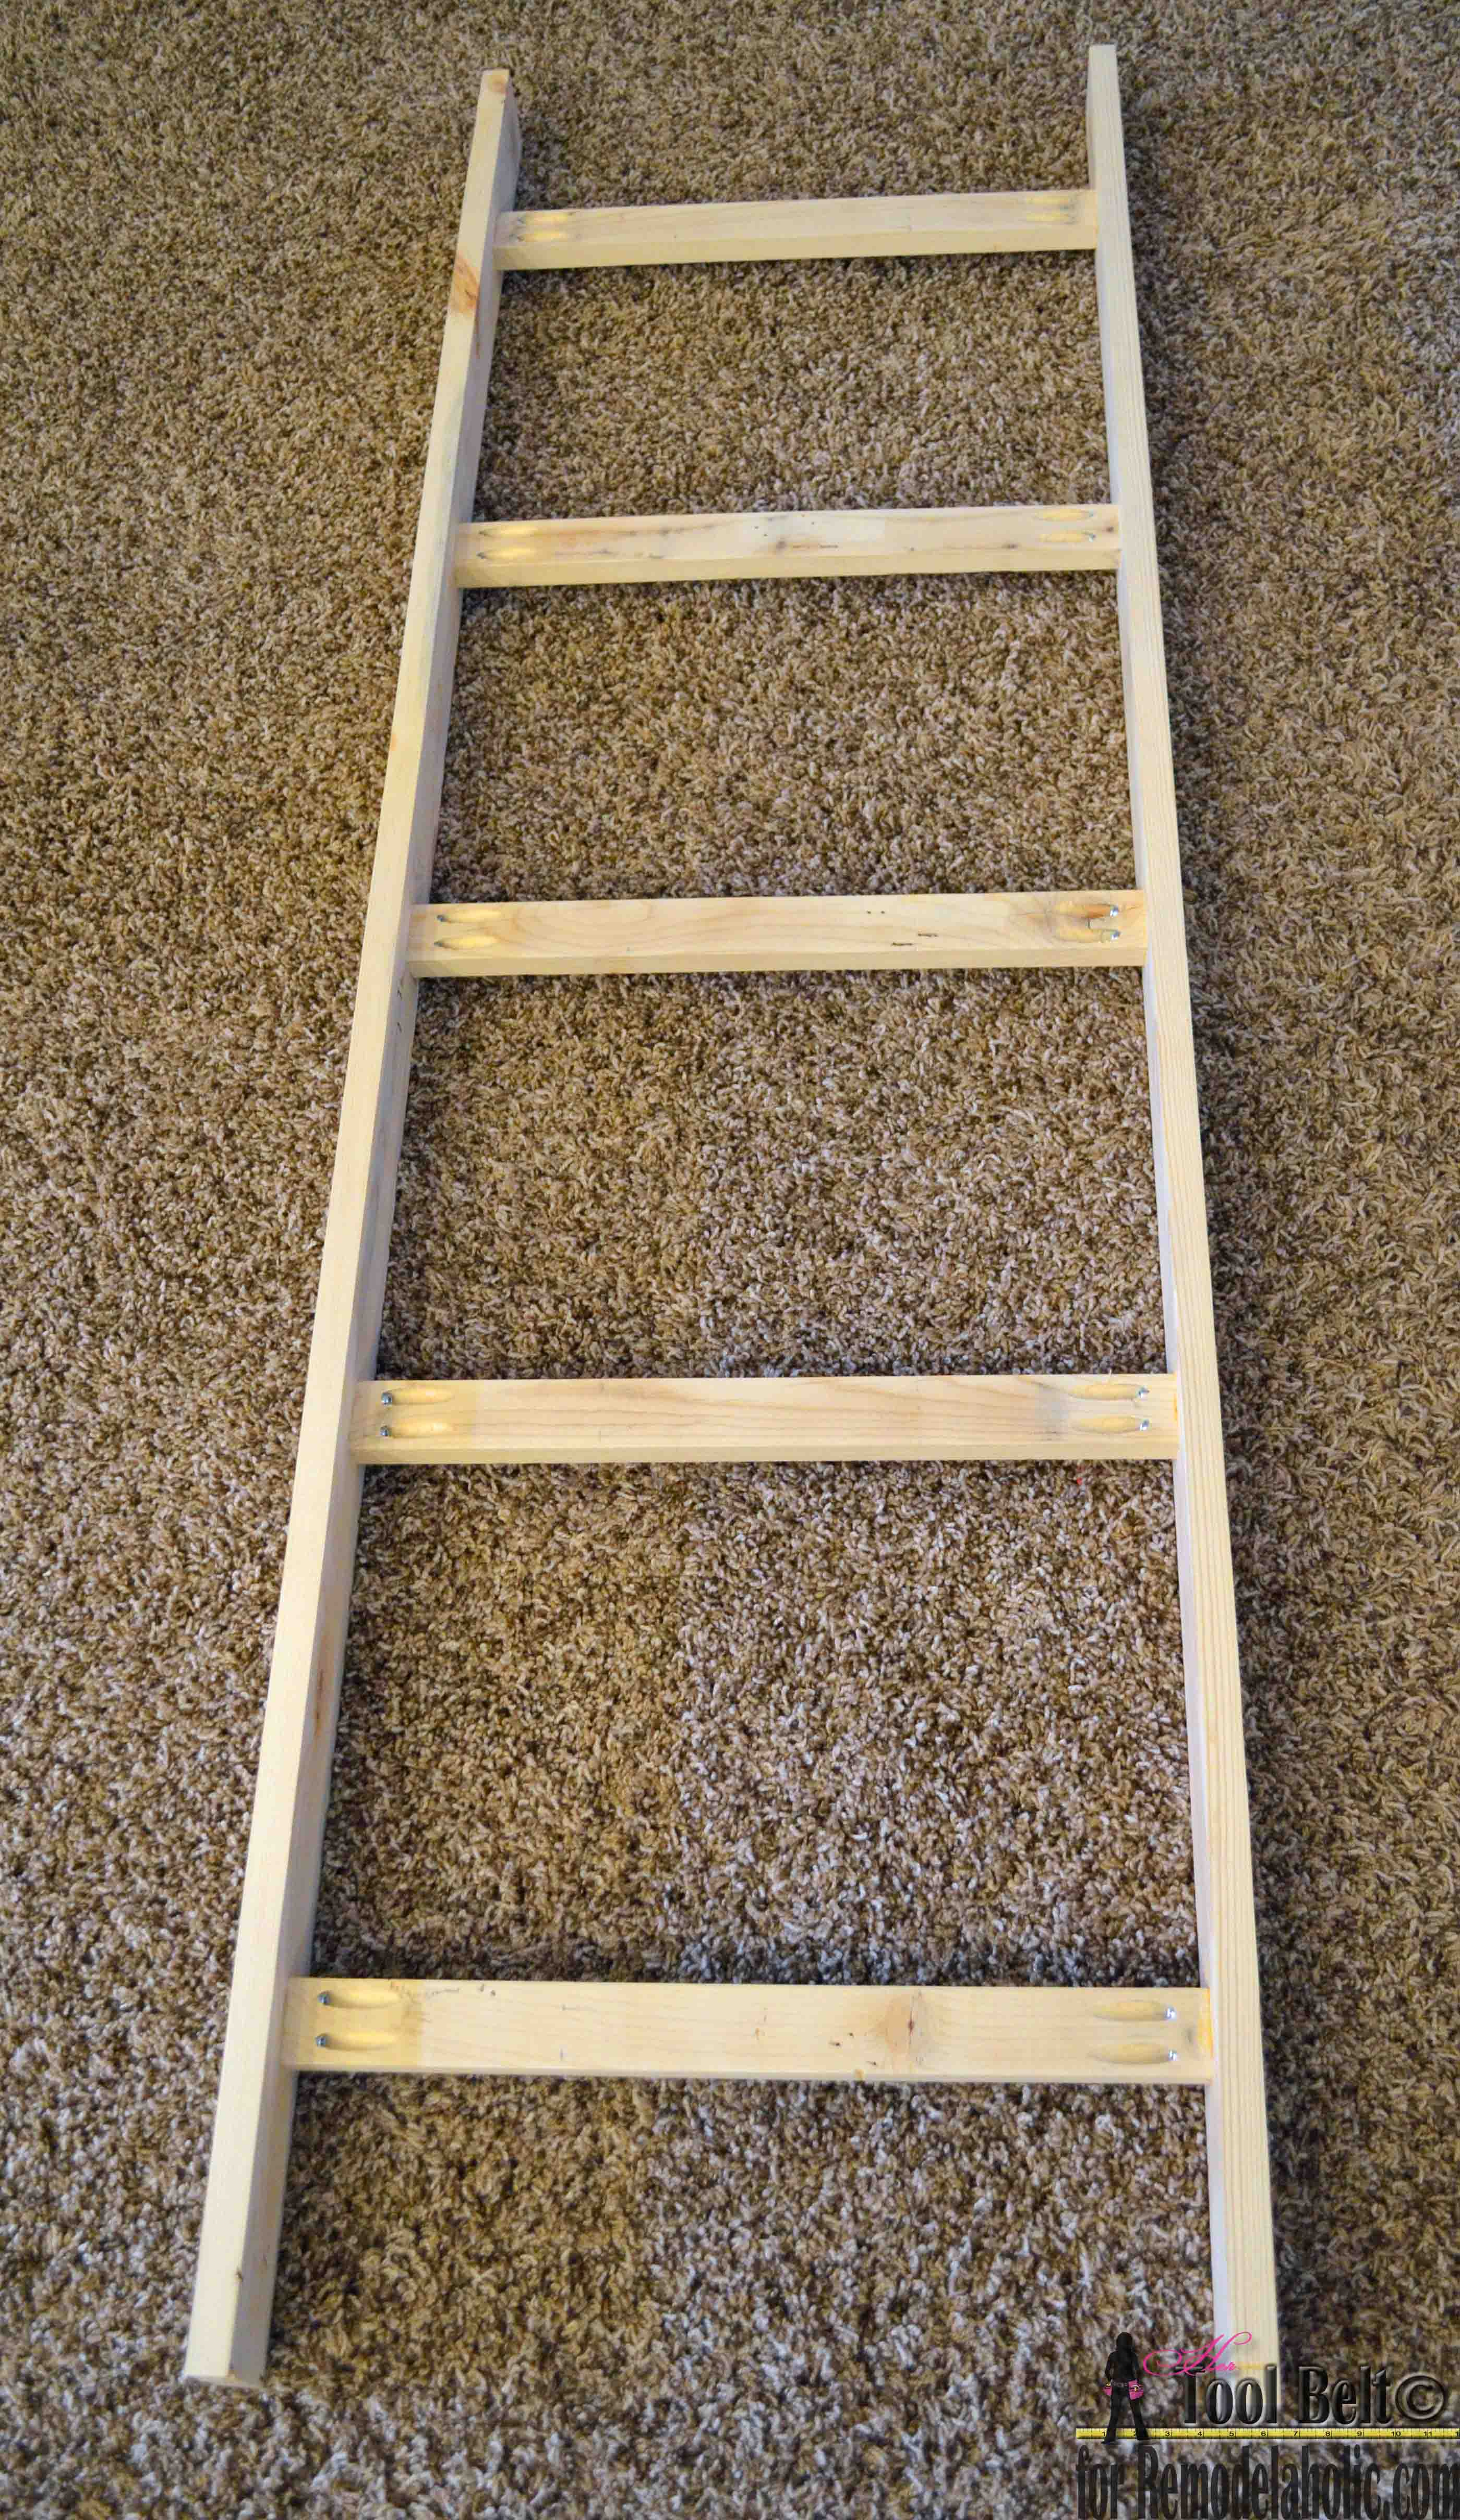 Diy Blanket Ladder Remodelaholic Build An Easy Blanket Ladder For Just 5